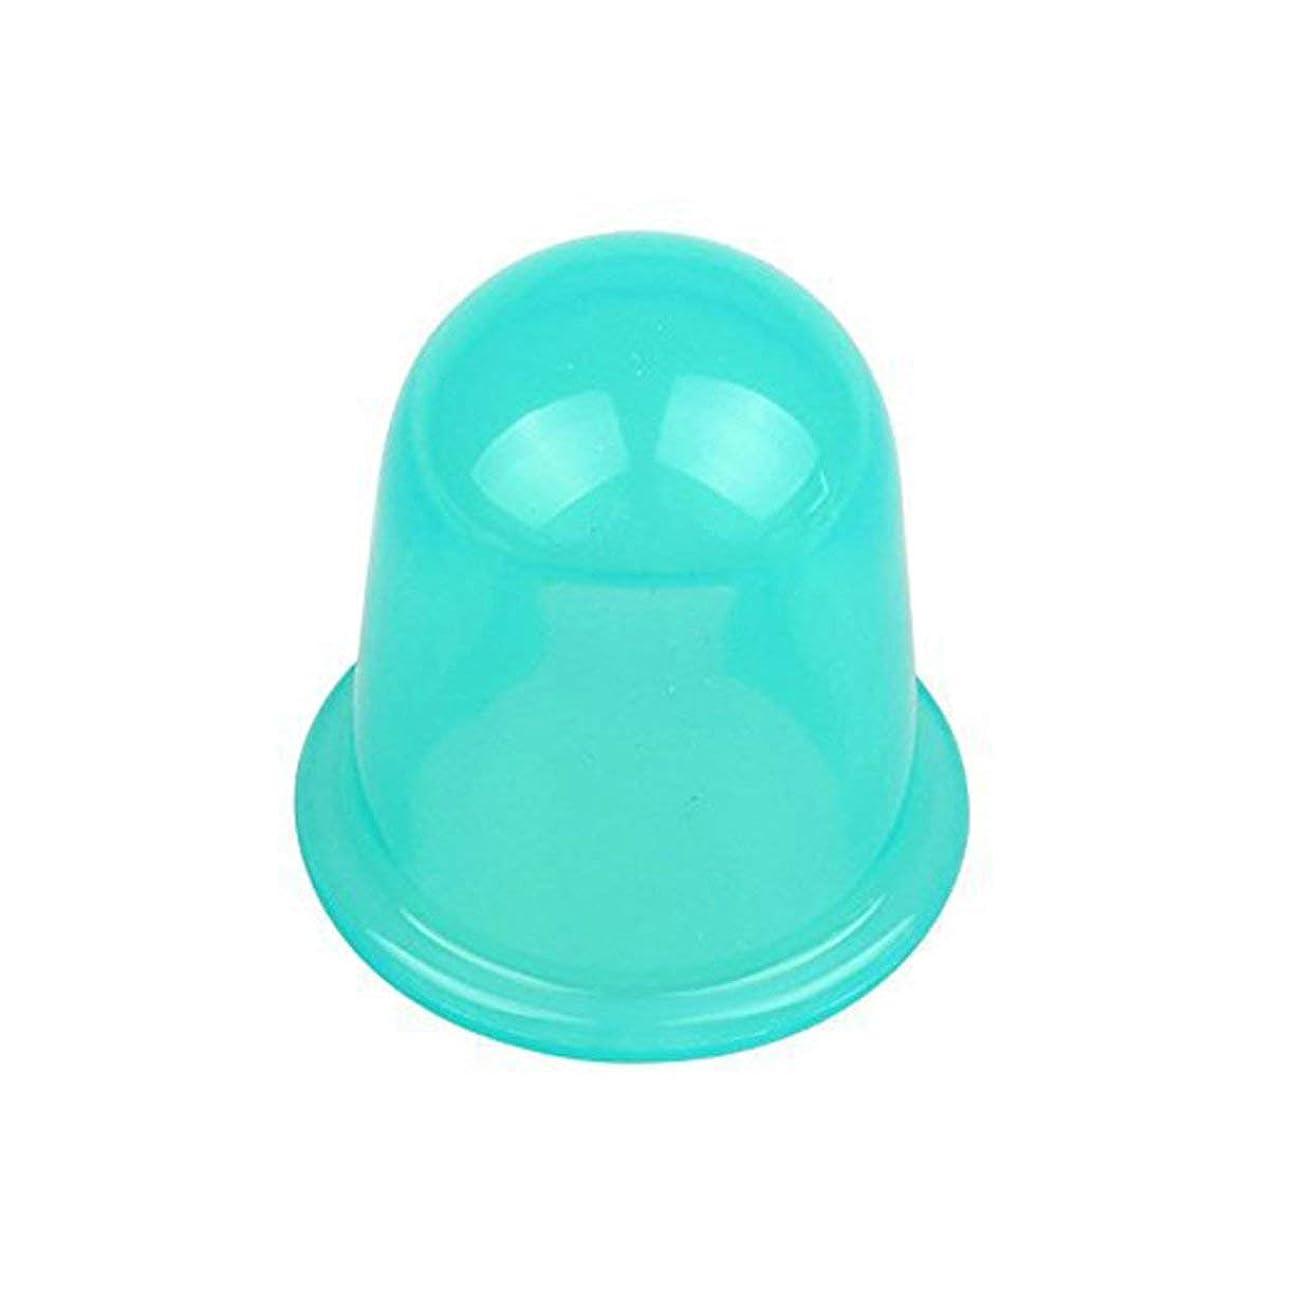 プーノ医学賞耐久性のある吸湿剤アンチセルライト真空カッピングカップデバイスフェイシャルボディマッサージセラピーシリコンカッピングカップ-グリーン